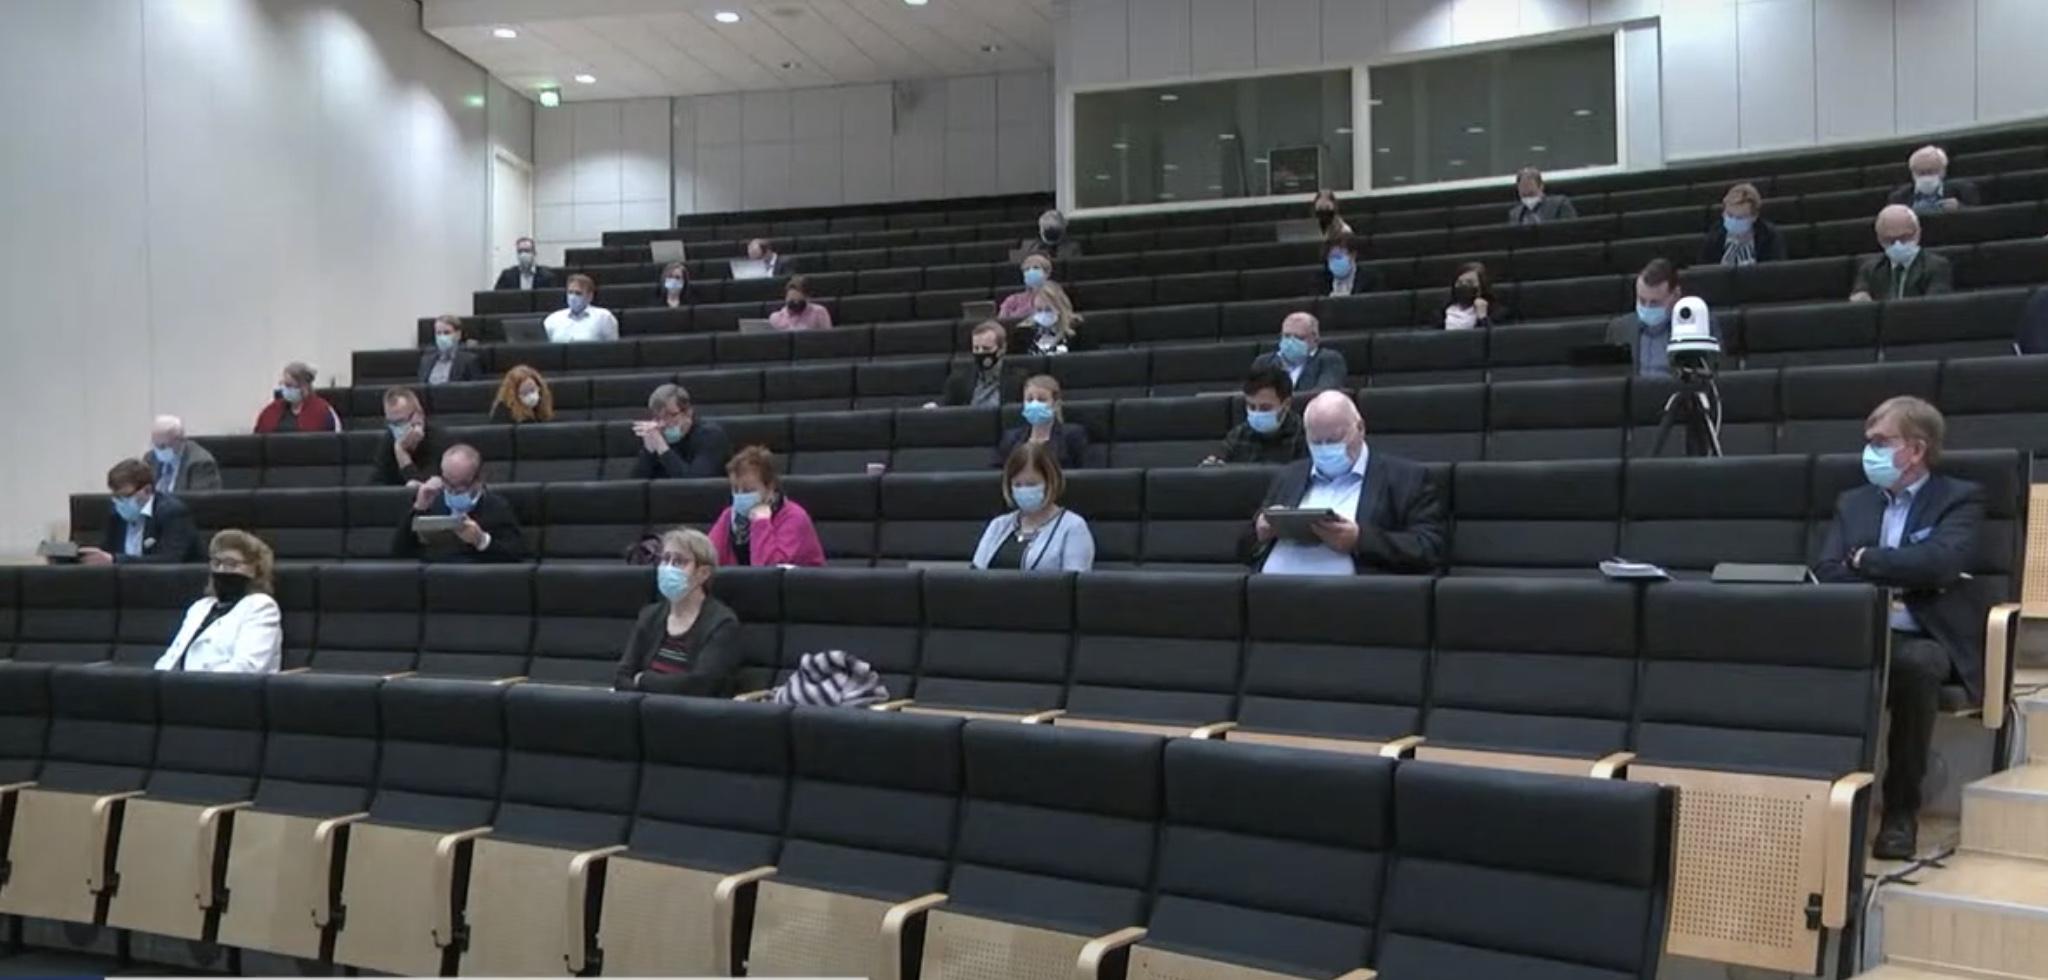 AVI: Ensi viikolla 10 hengen kokoontumisrajoitus kaikissa Länsi- ja Sisä-Suomen alueen sairaanhoitopiireissä